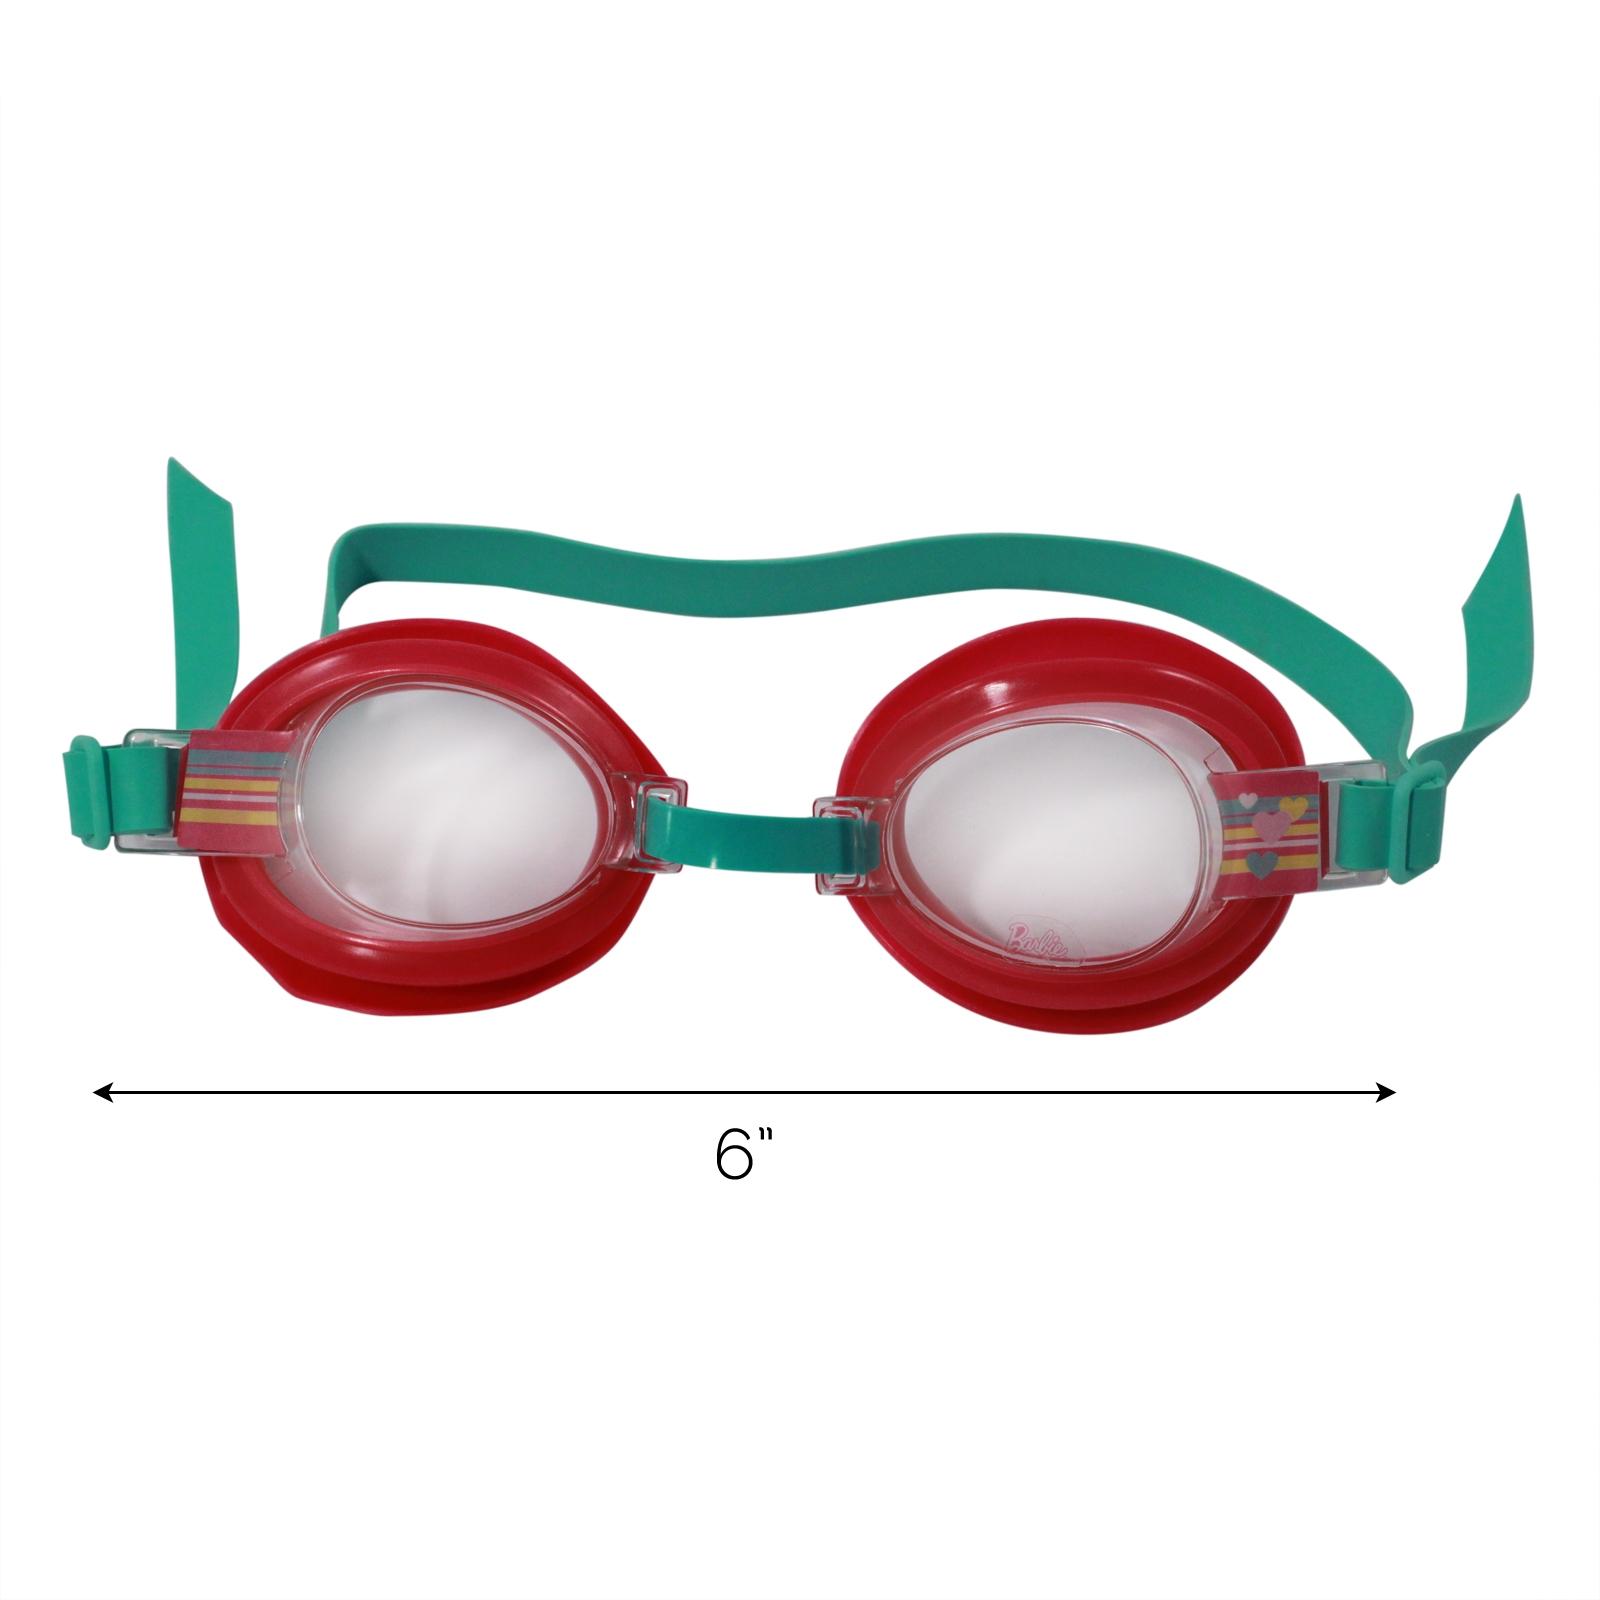 Mattel Barbie Big Time Splash Water Tight Swim Goggles